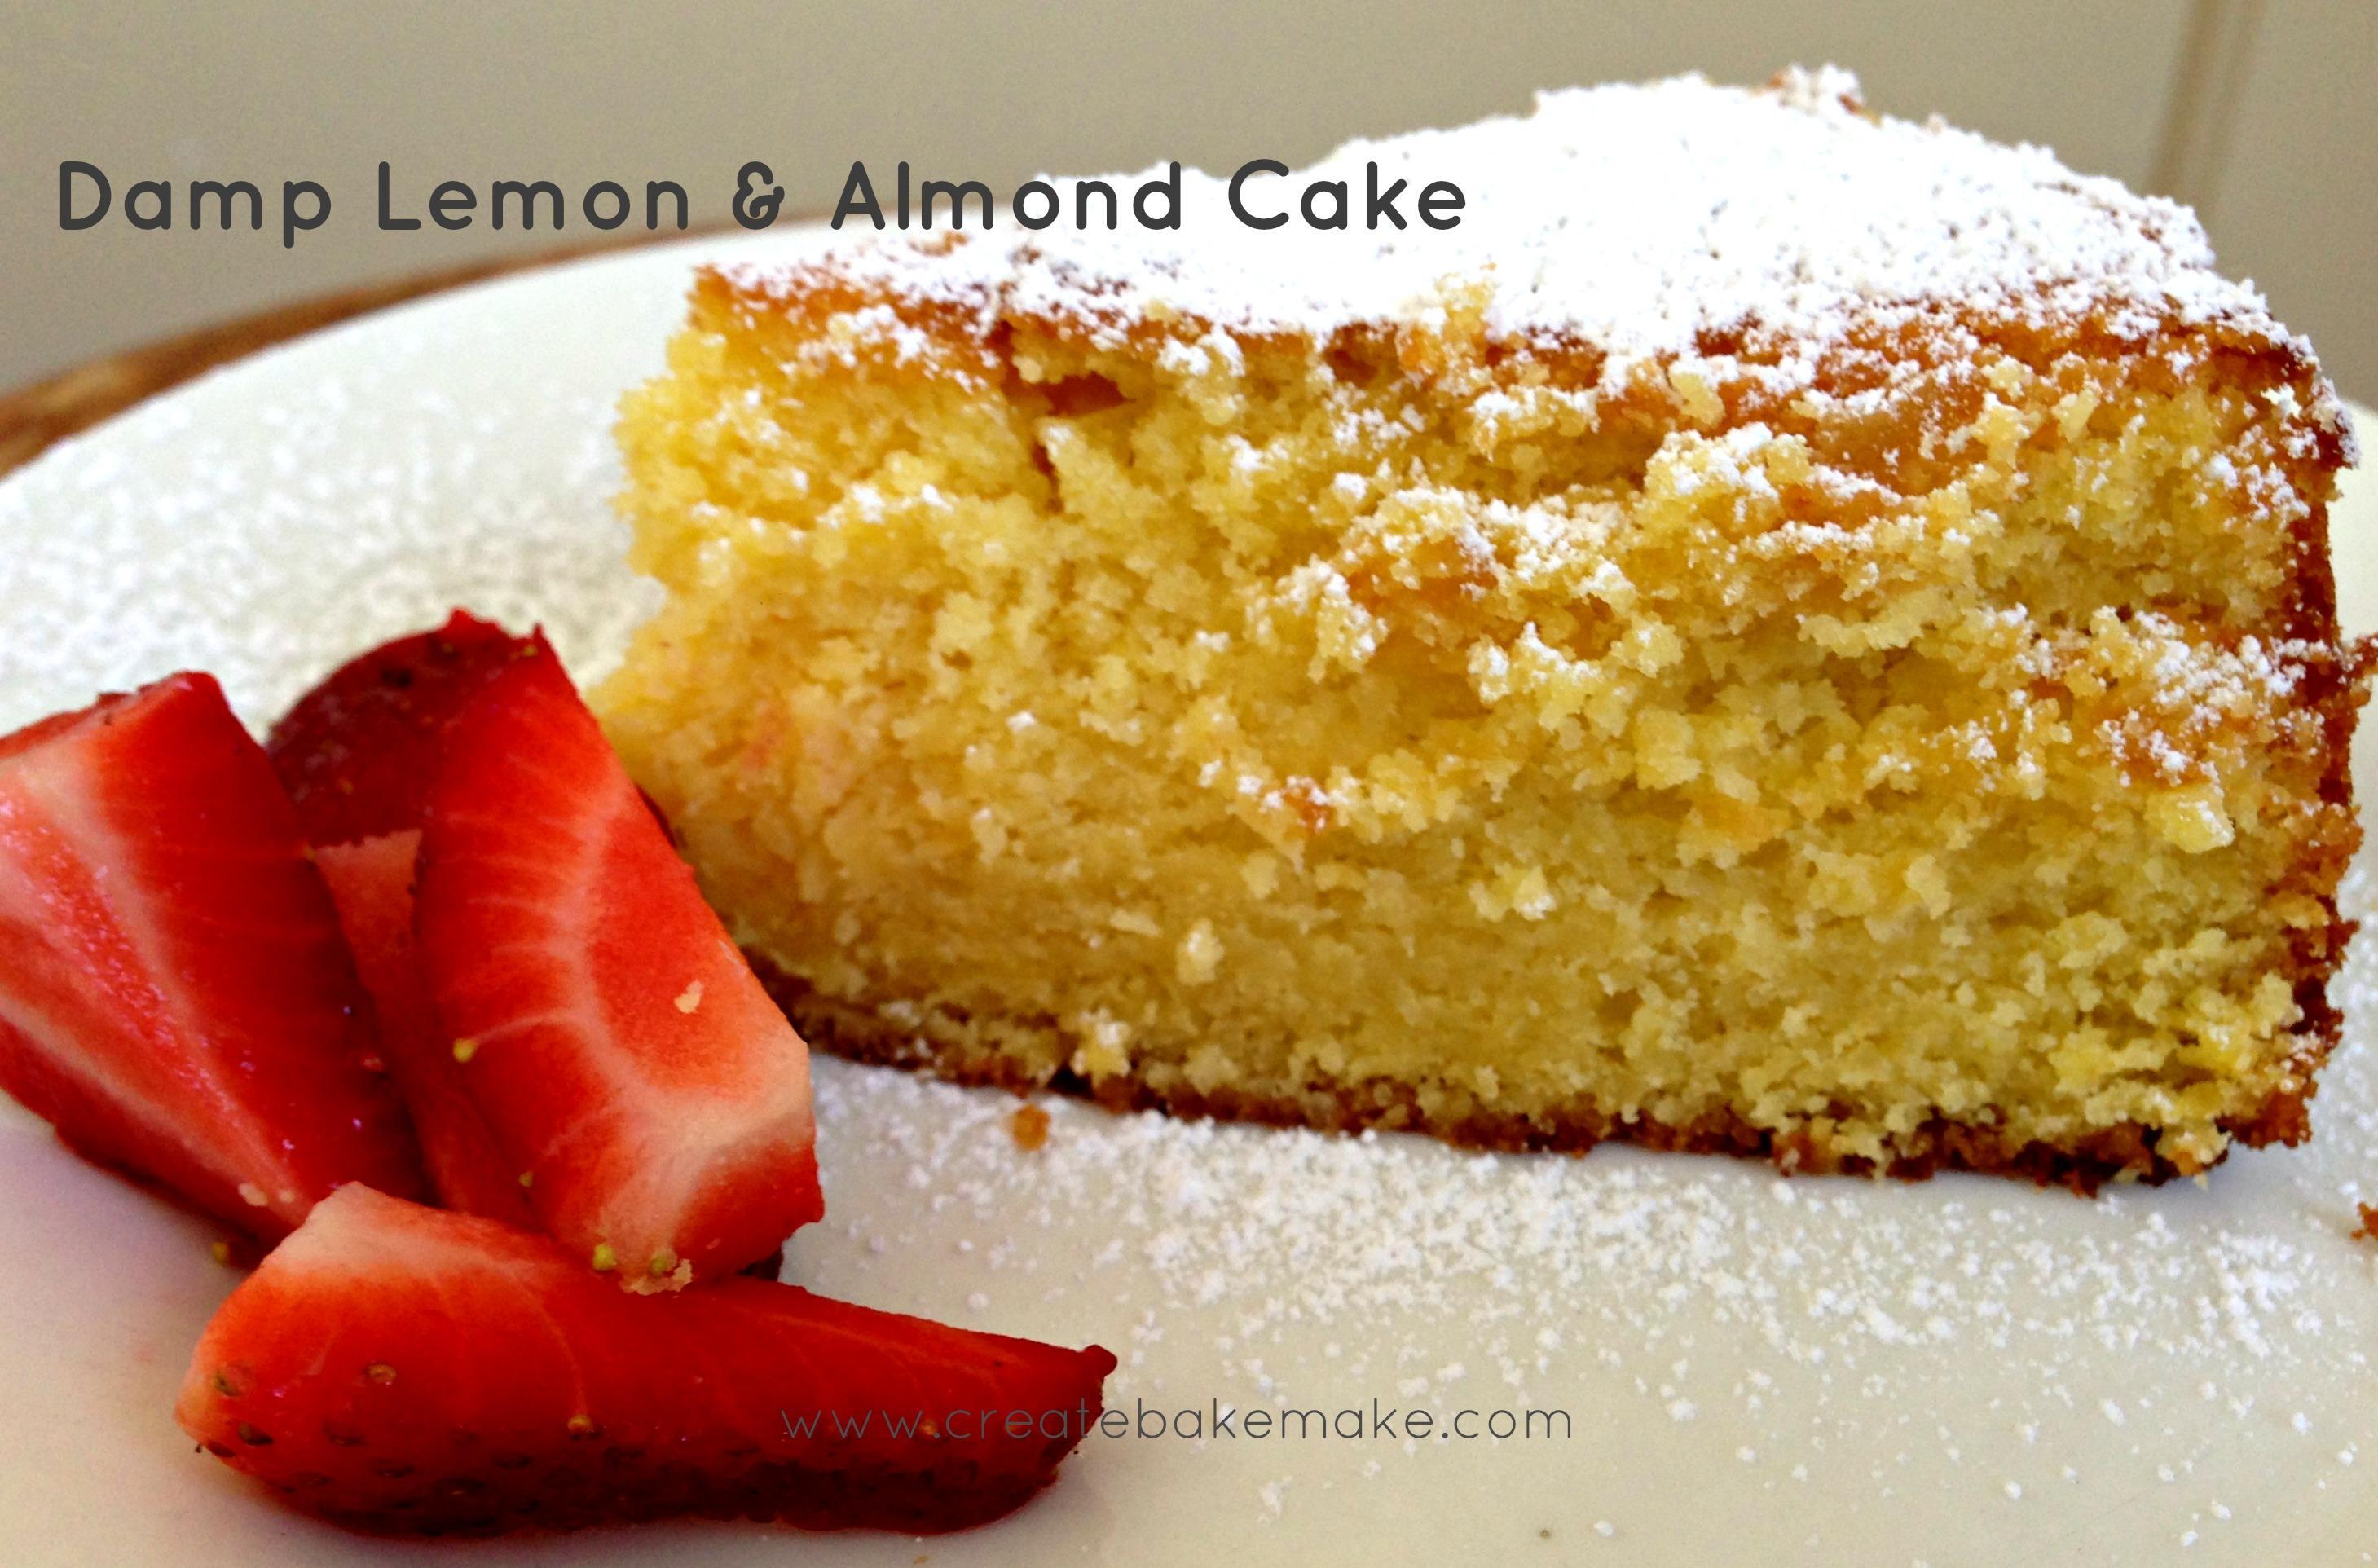 Lemon almond cake recipe